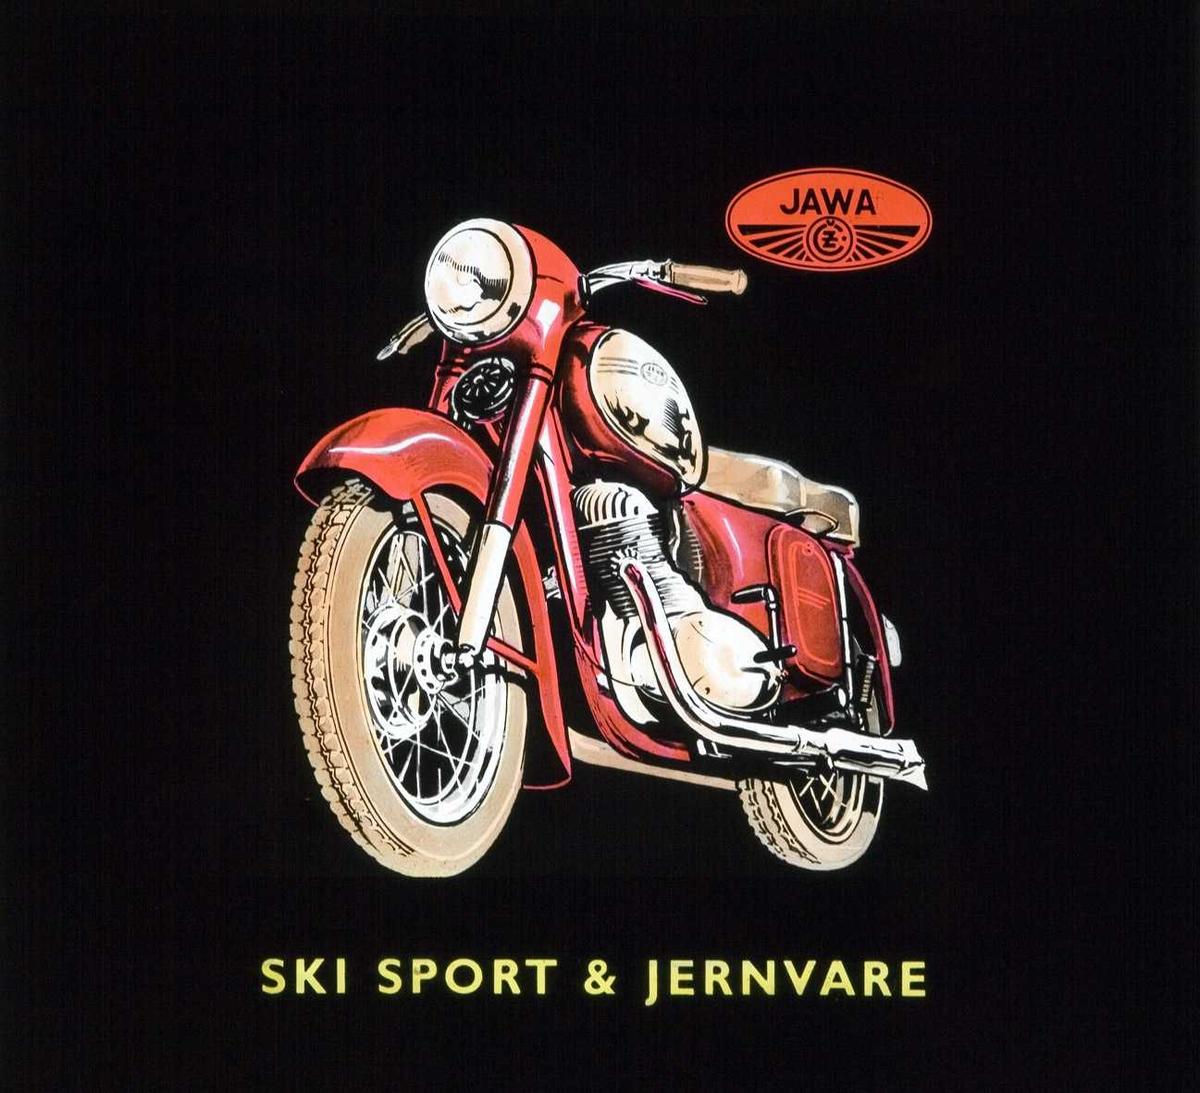 Kinoreklame fra Ski. Jawa motorsykkel fra Ski sport & jernvare.